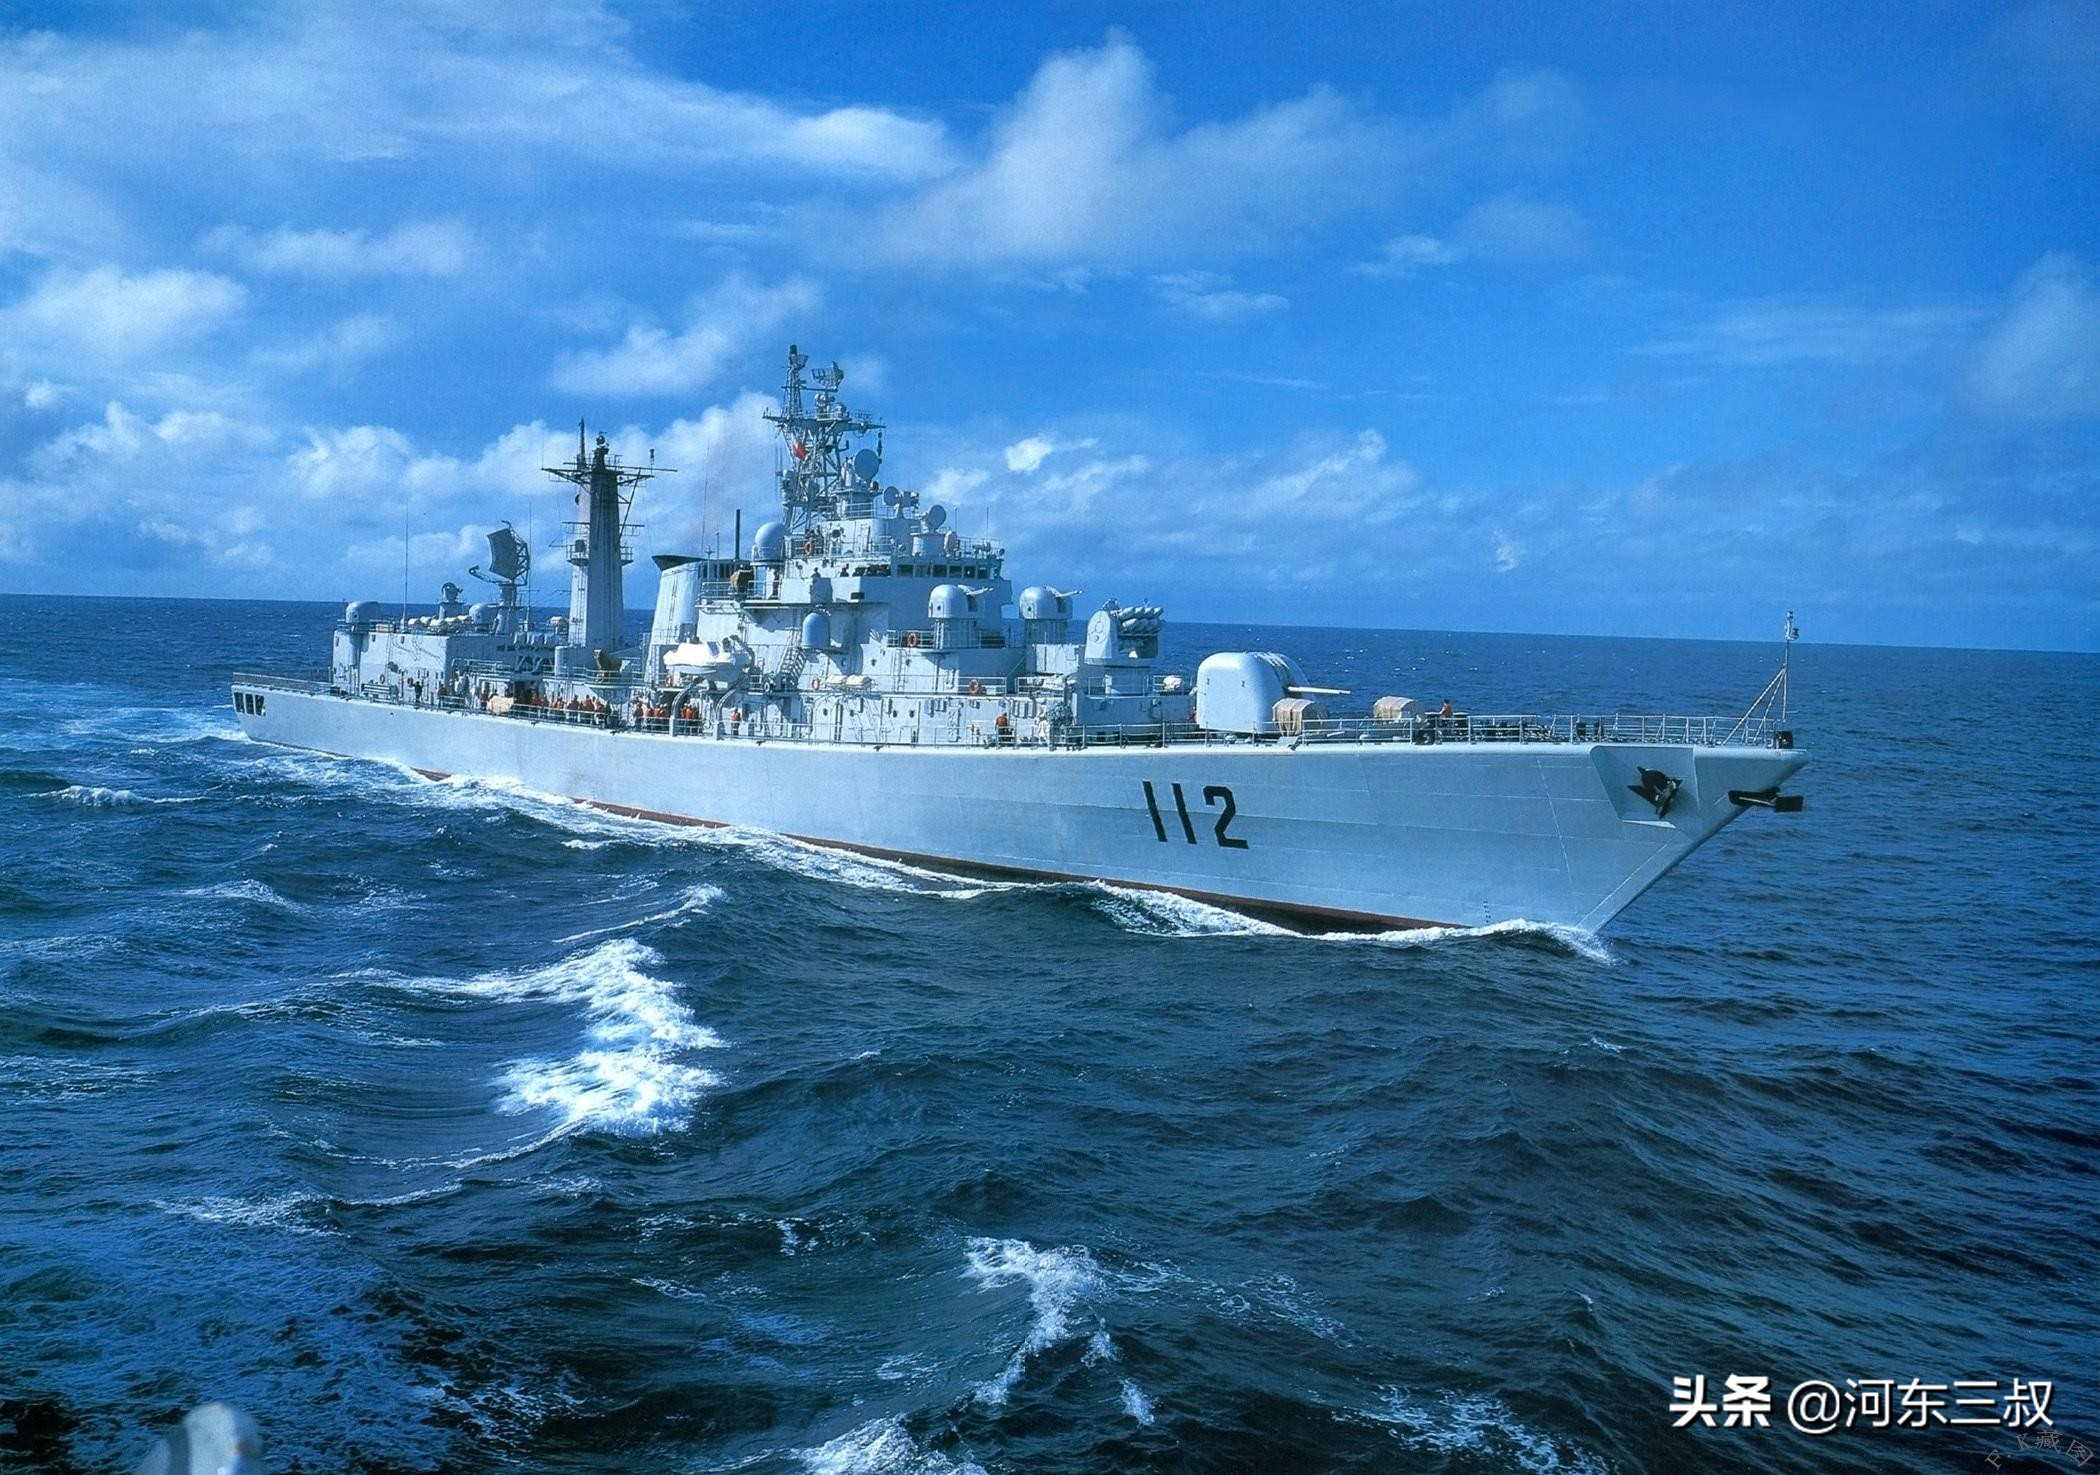 24年变化有多大?中国1996年和2020年海军装备水平比较